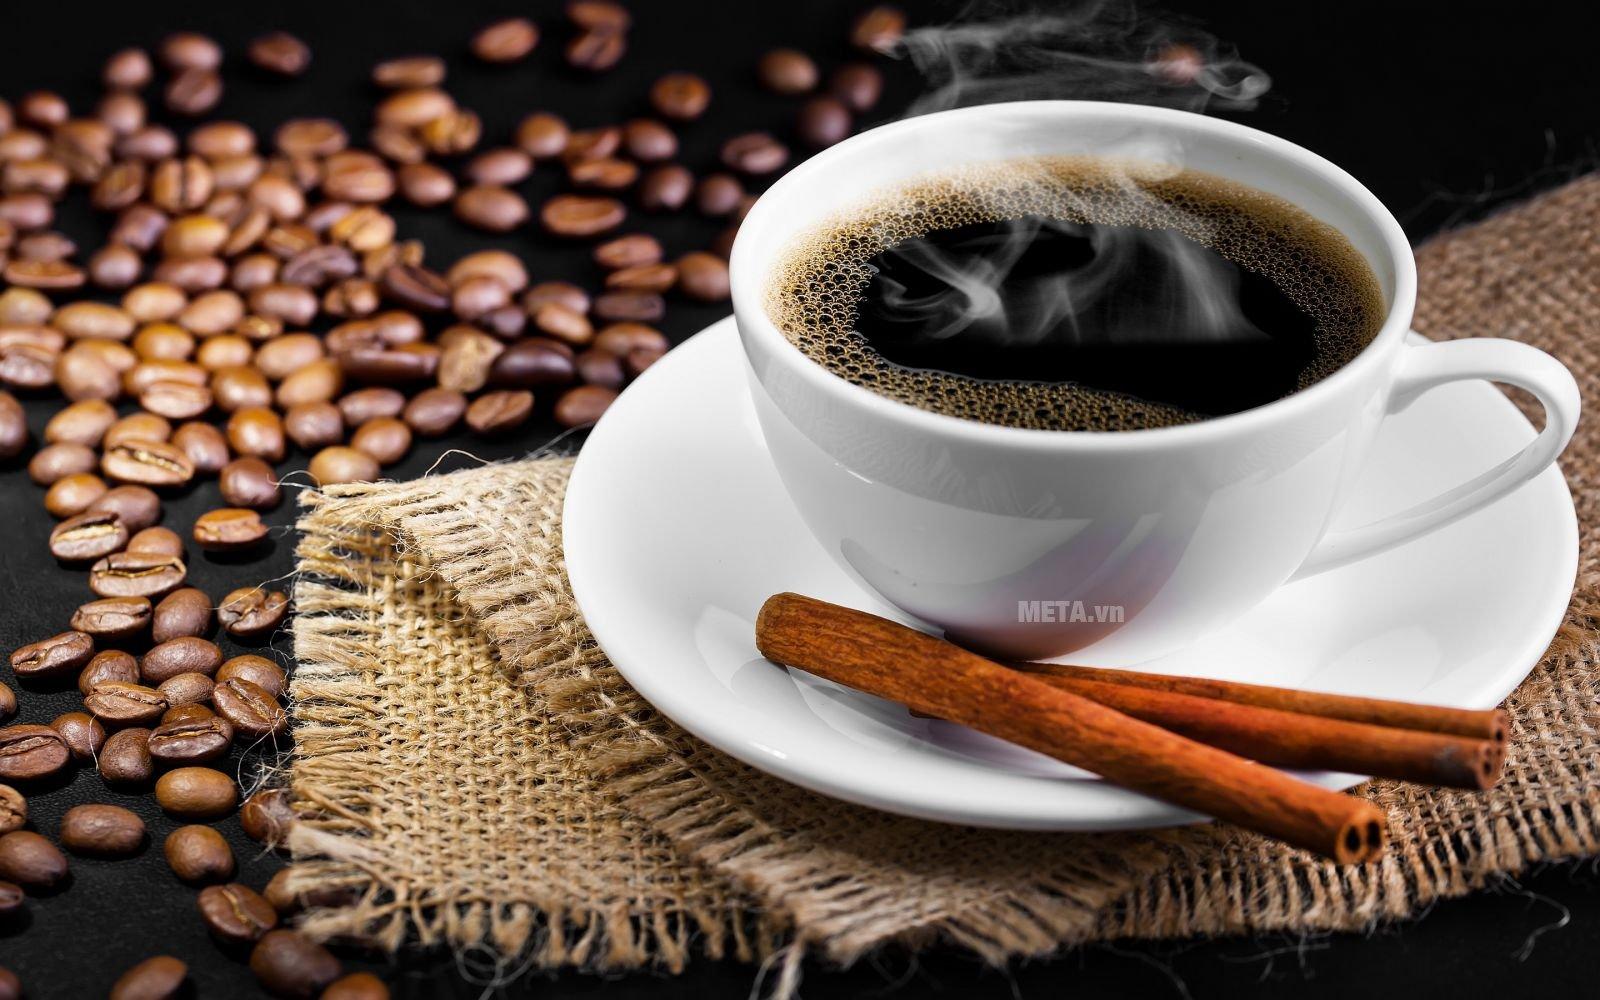 Ấm pha cà phê Aeternum Allegra 3Tz Fucsia BCM 6013 cho bạn những ly cà phê thơm ngon